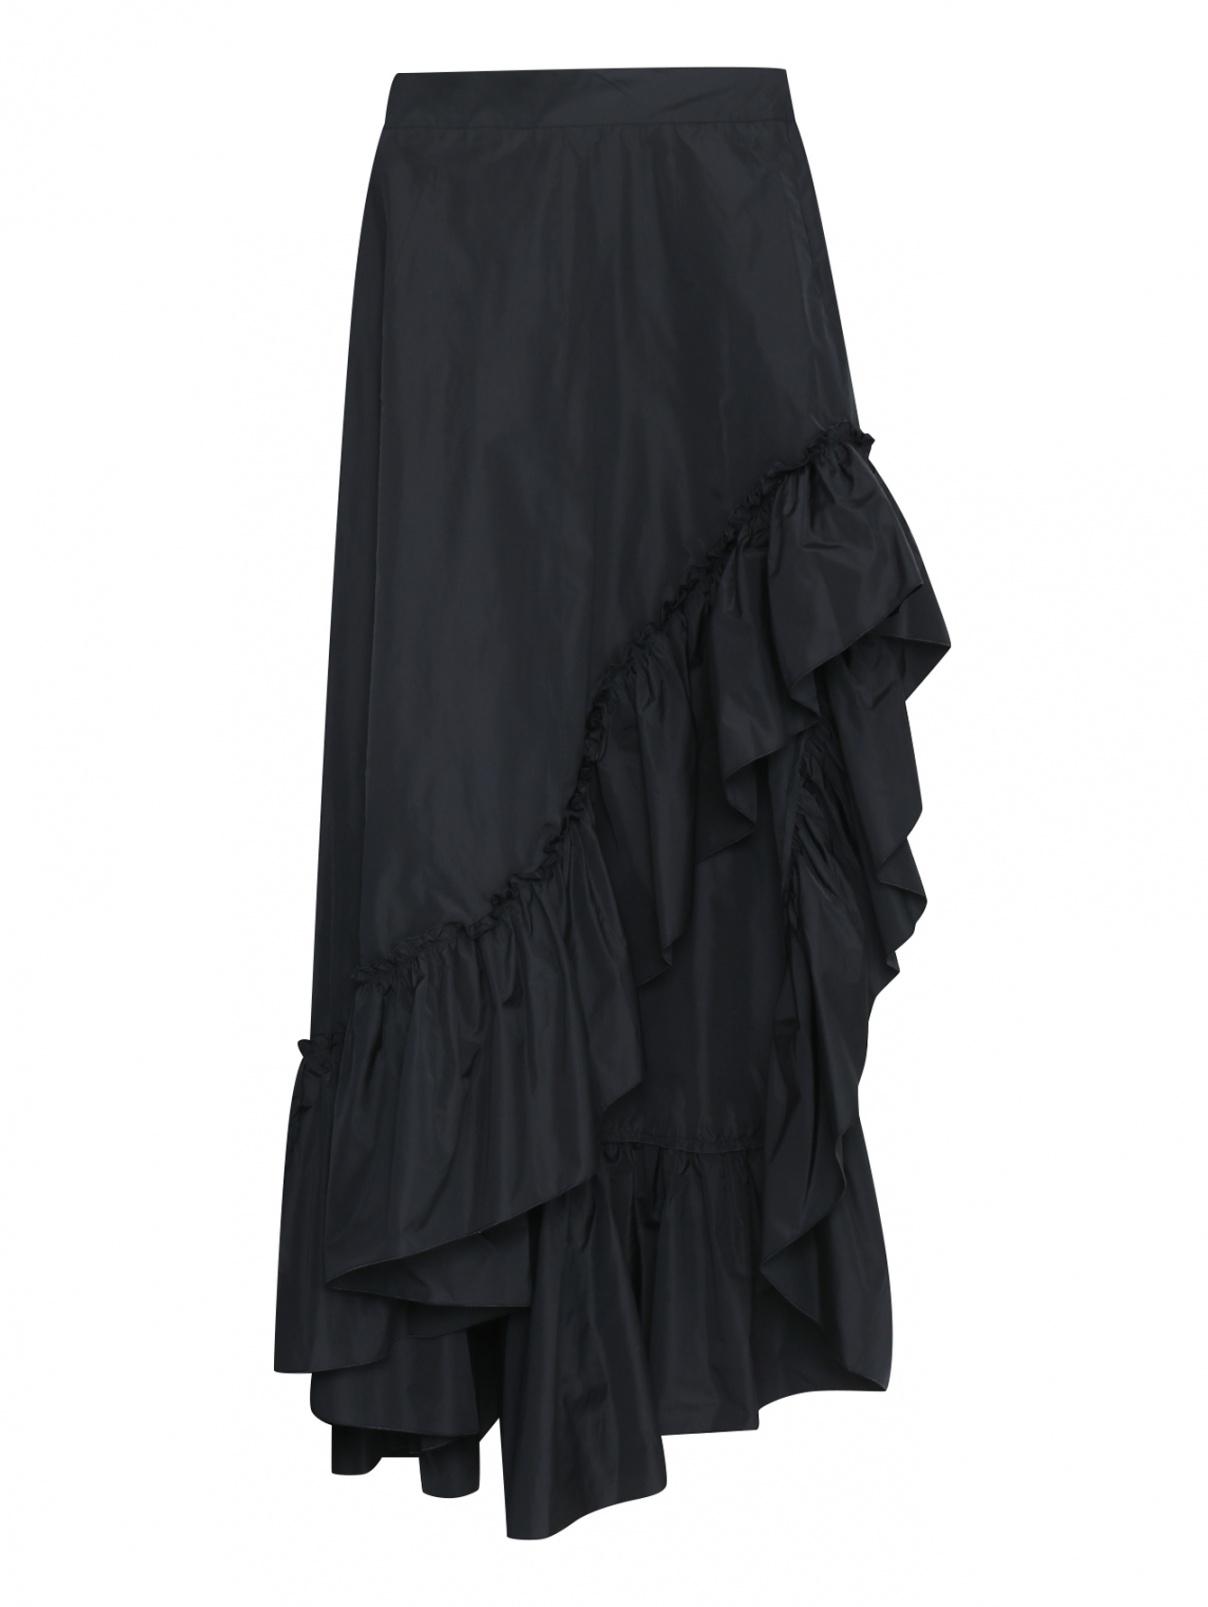 Ассиметричная юбка макси с воланом Max Mara  –  Общий вид